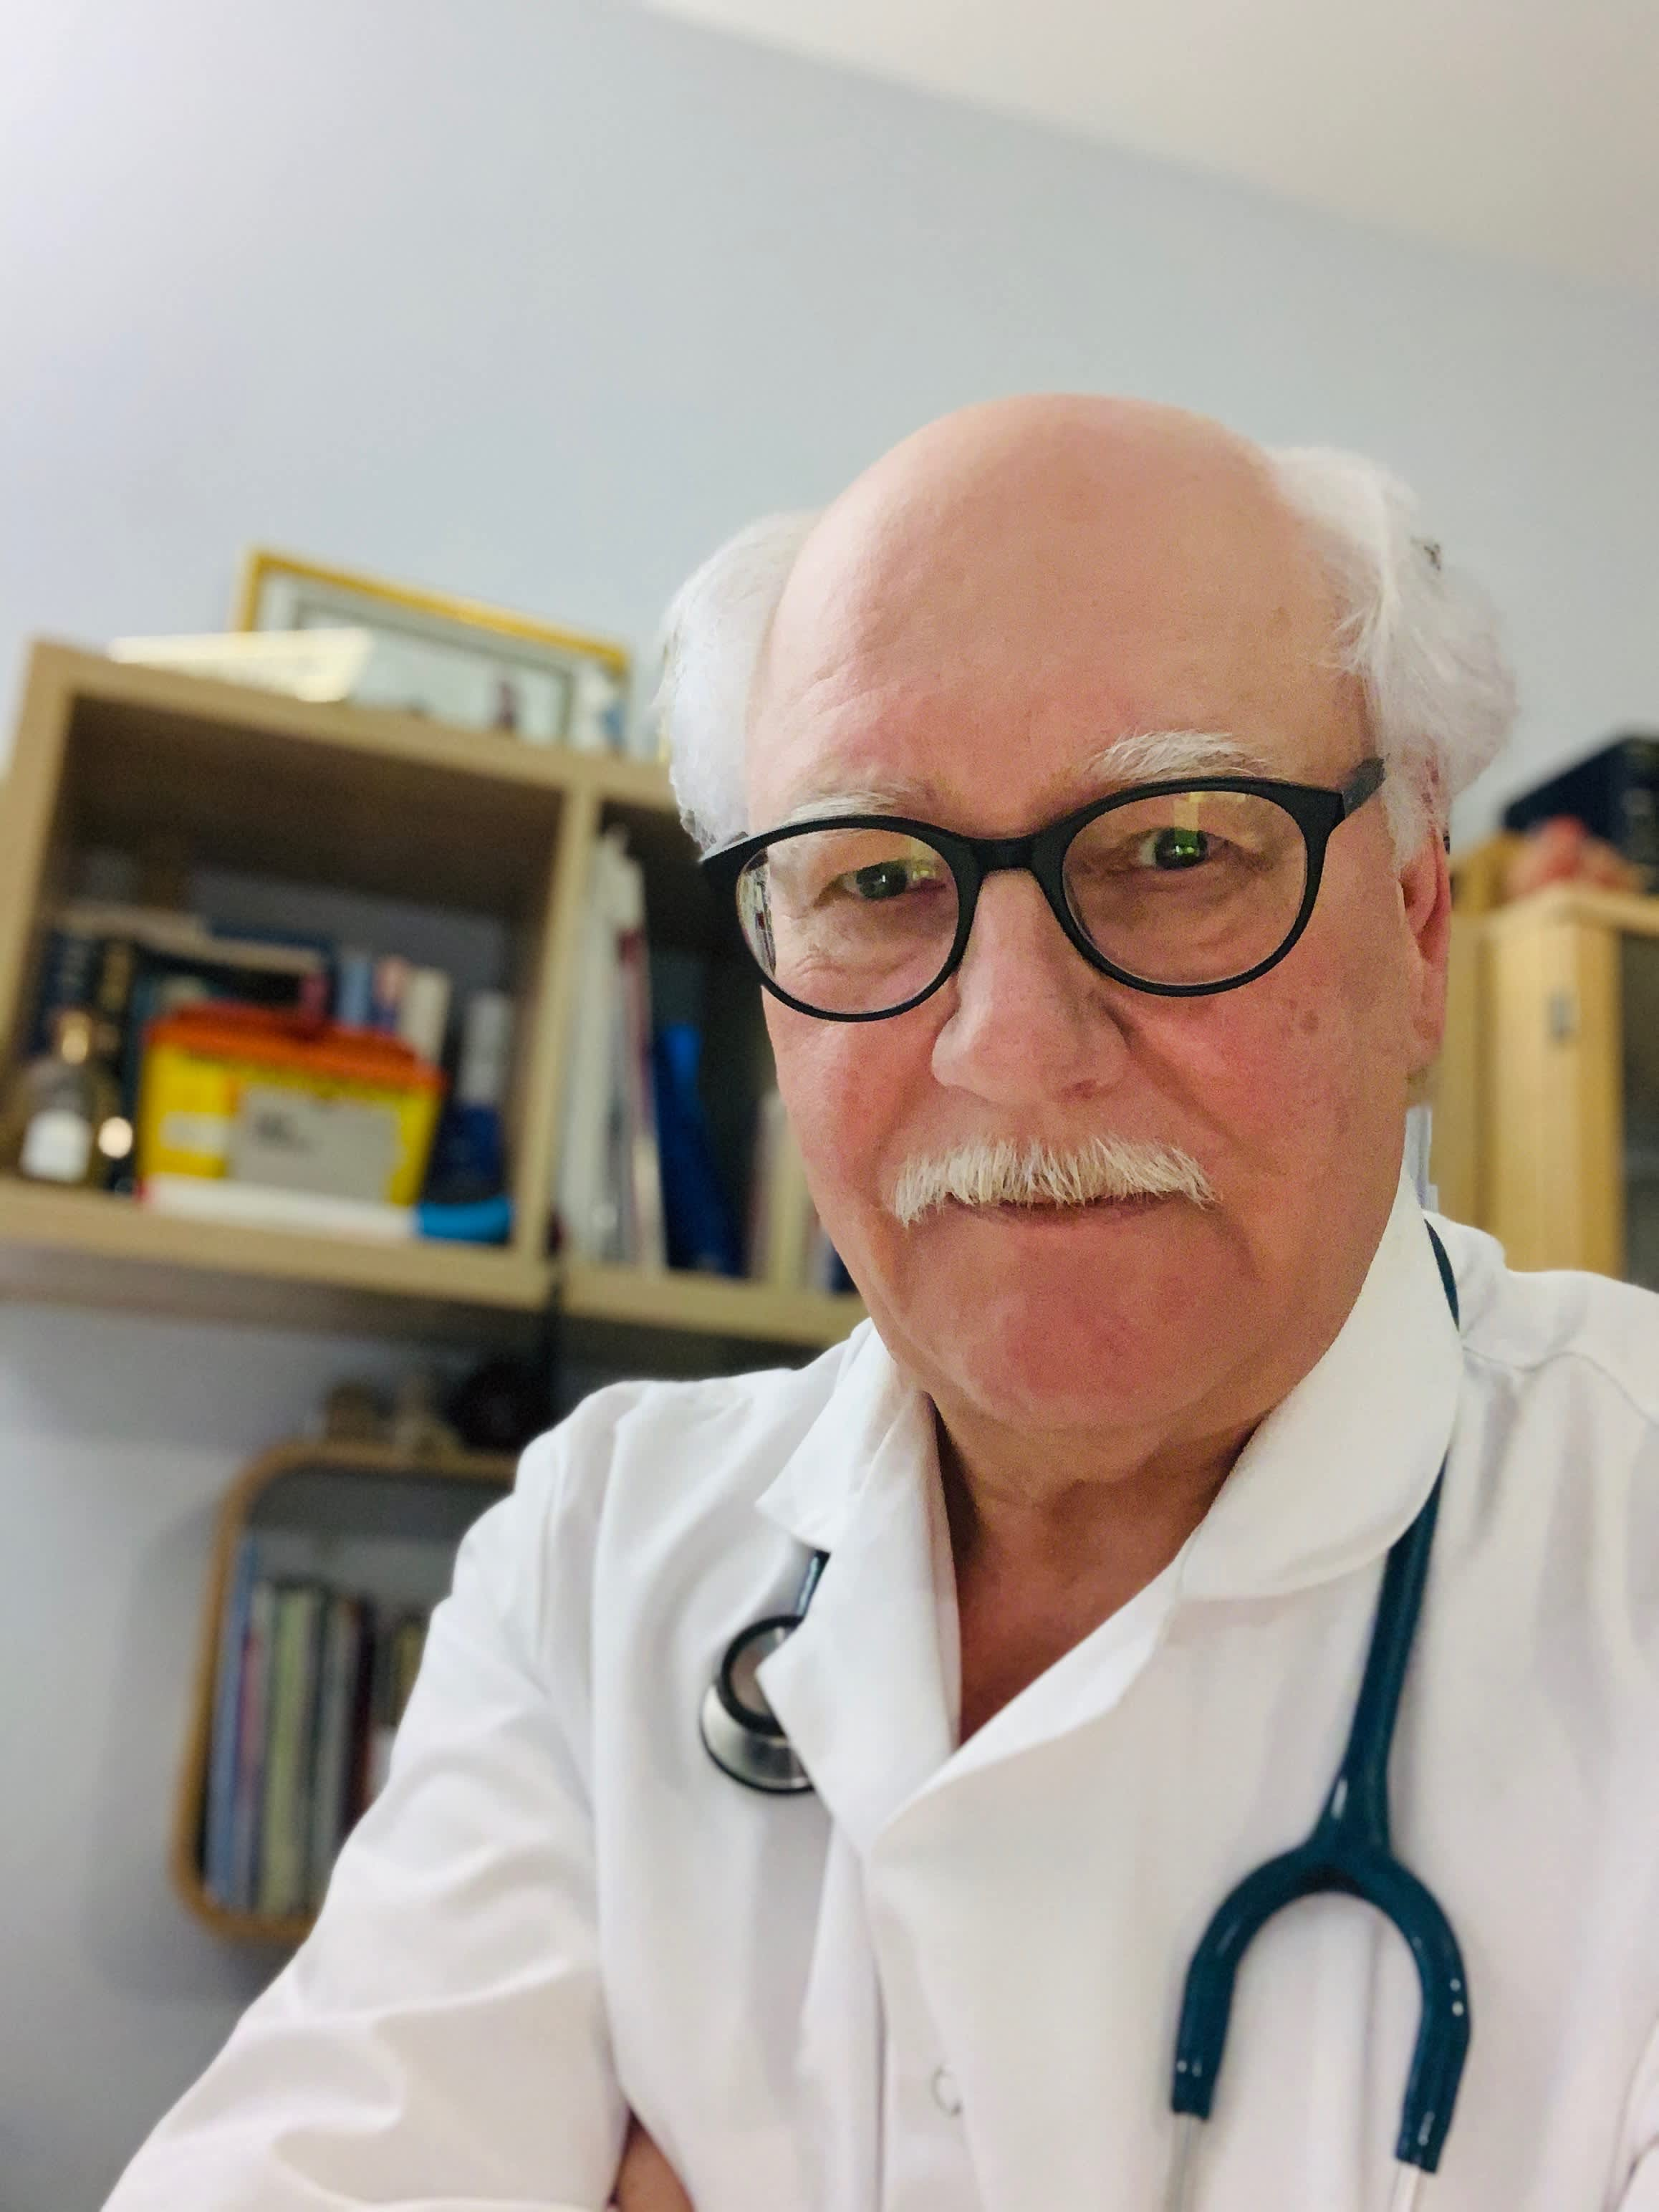 dr eichner